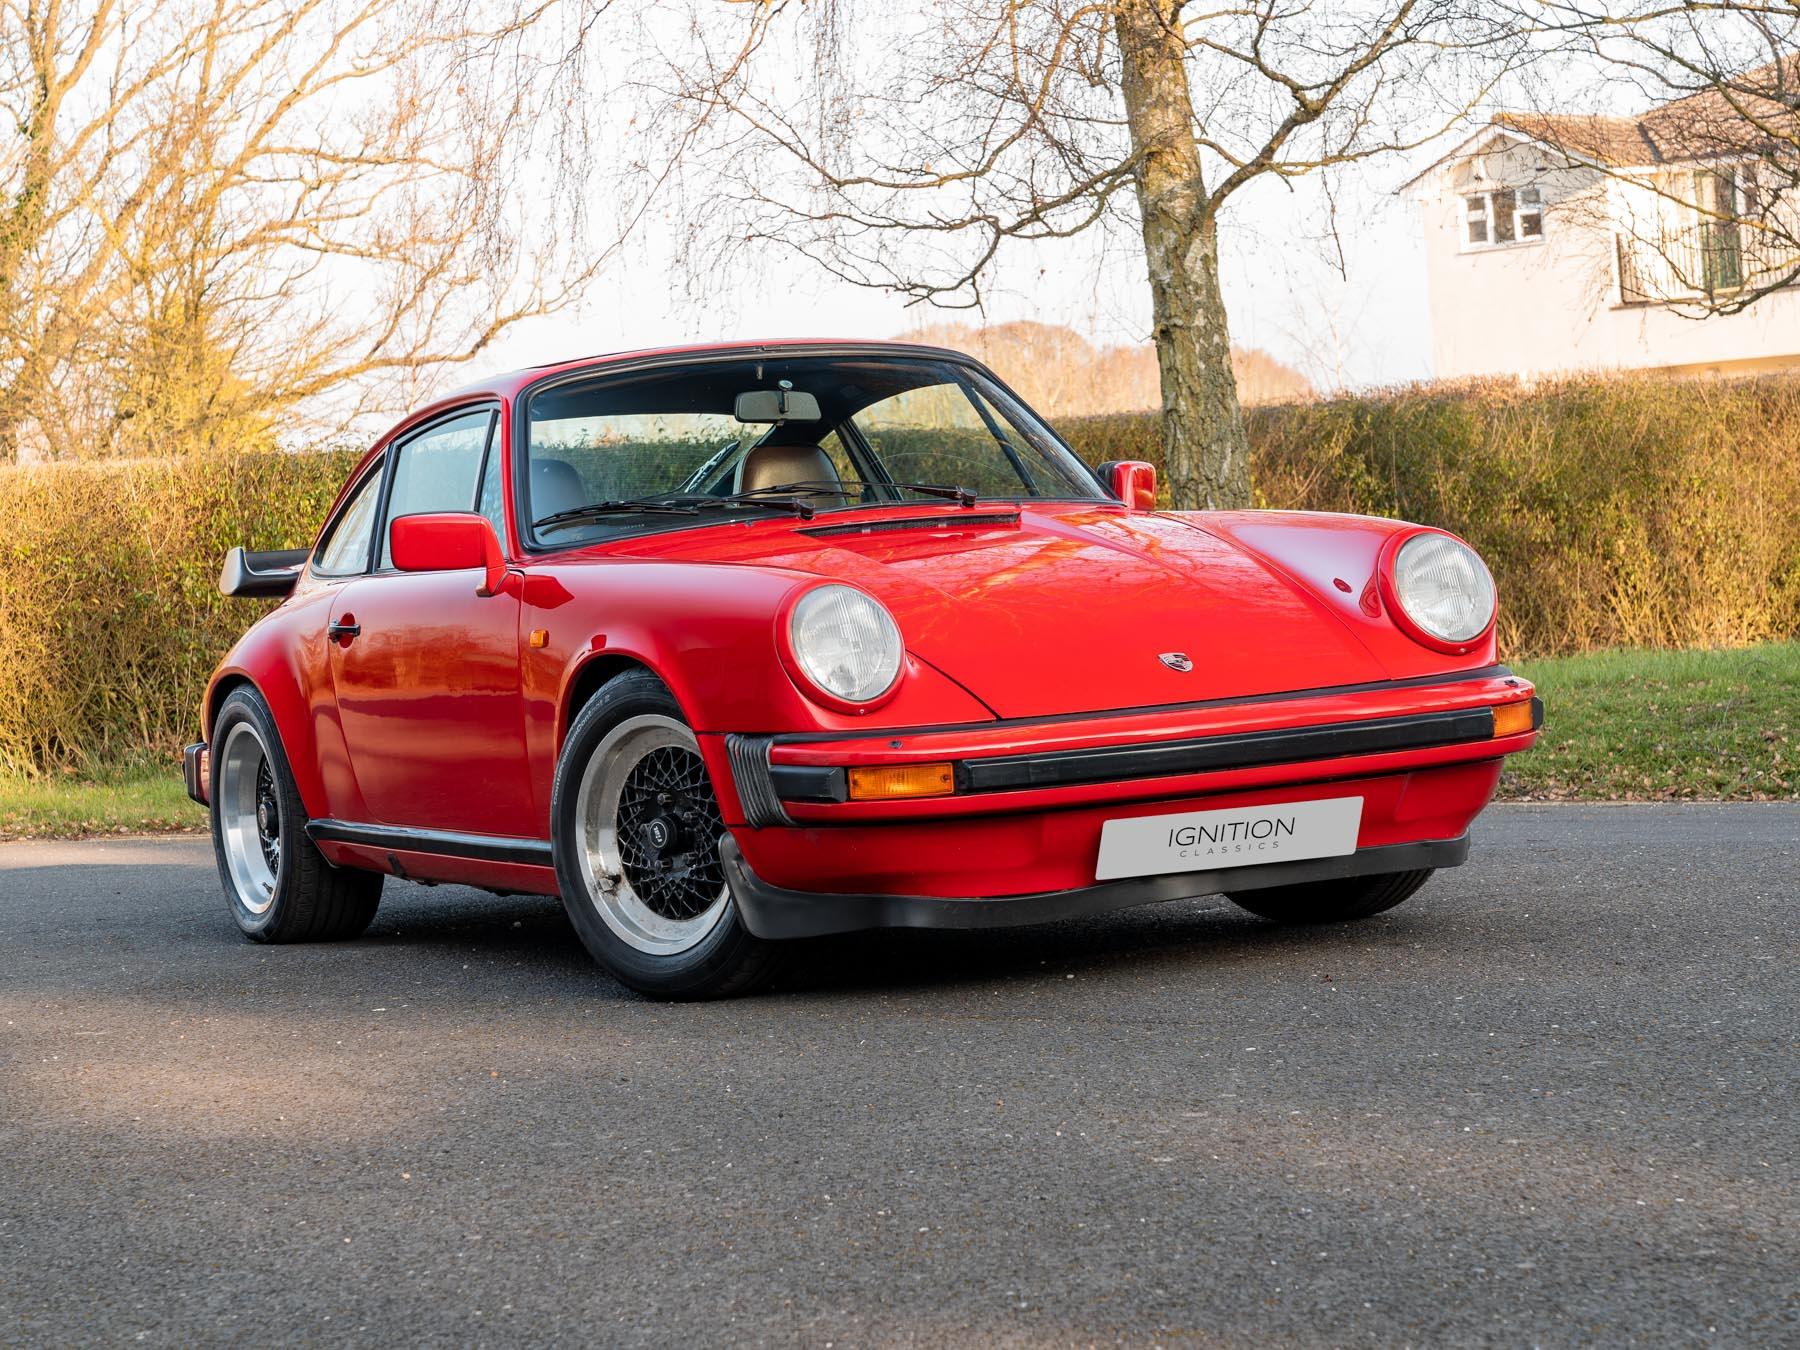 1980 Porsche 911 Turbo Vintage Car For Sale